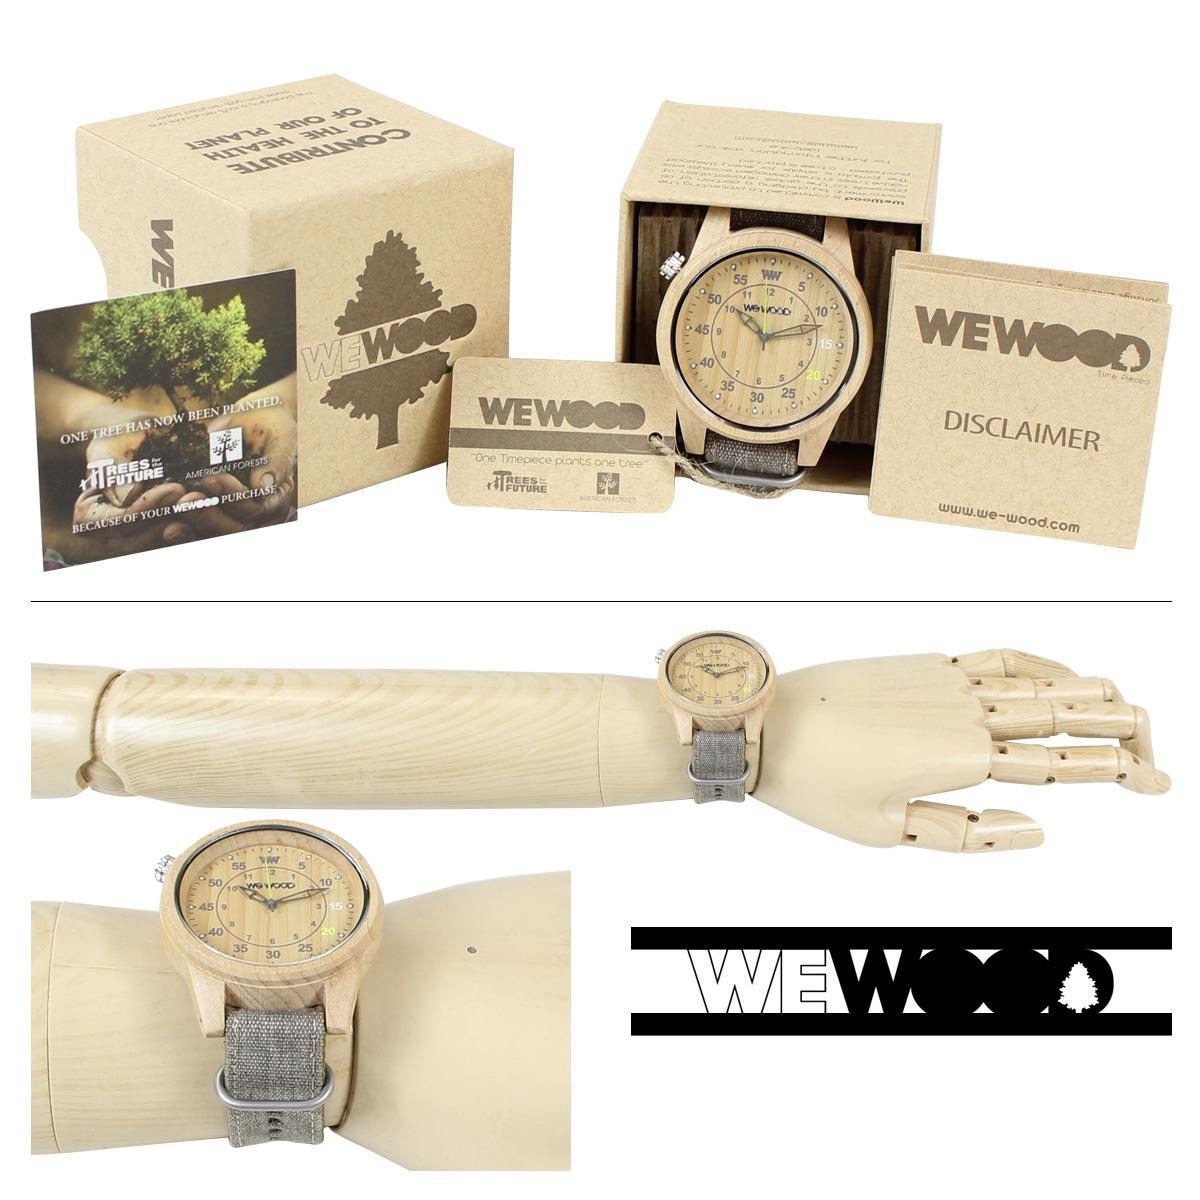 【最大2000円OFFクーポン】 WEWOOD 腕時計 レディース ウィーウッド DUHBE ベージュ チョコレート BEIGE CHOCOLATE メンズ